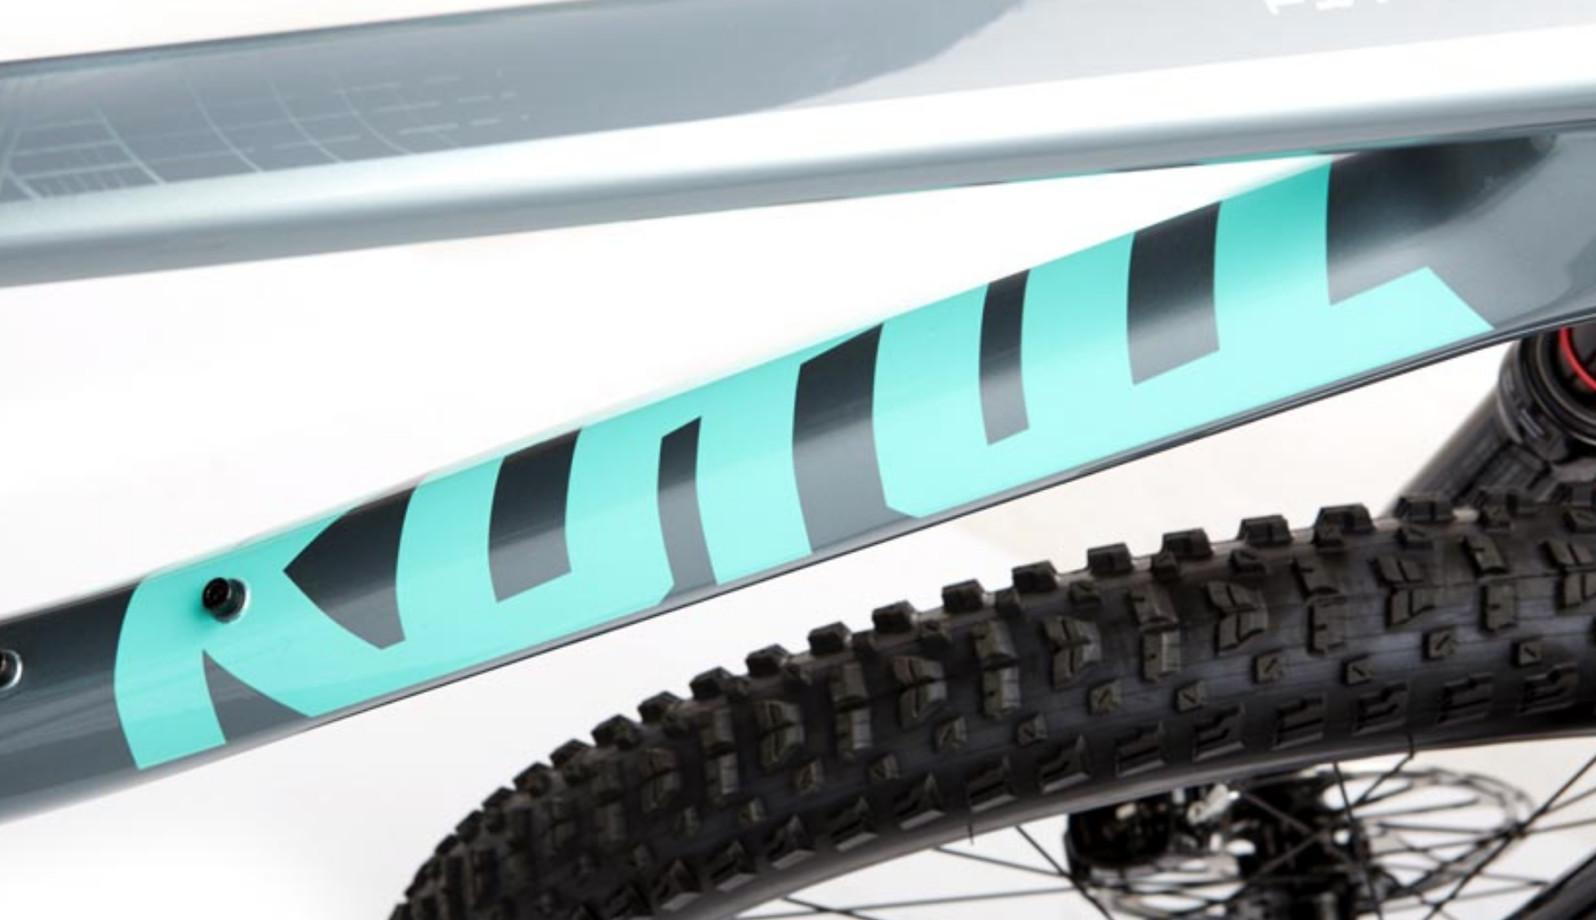 da6f311e952 2019 Kona Big Honzo CR/DL Bike - Reviews, Comparisons, Specs ...